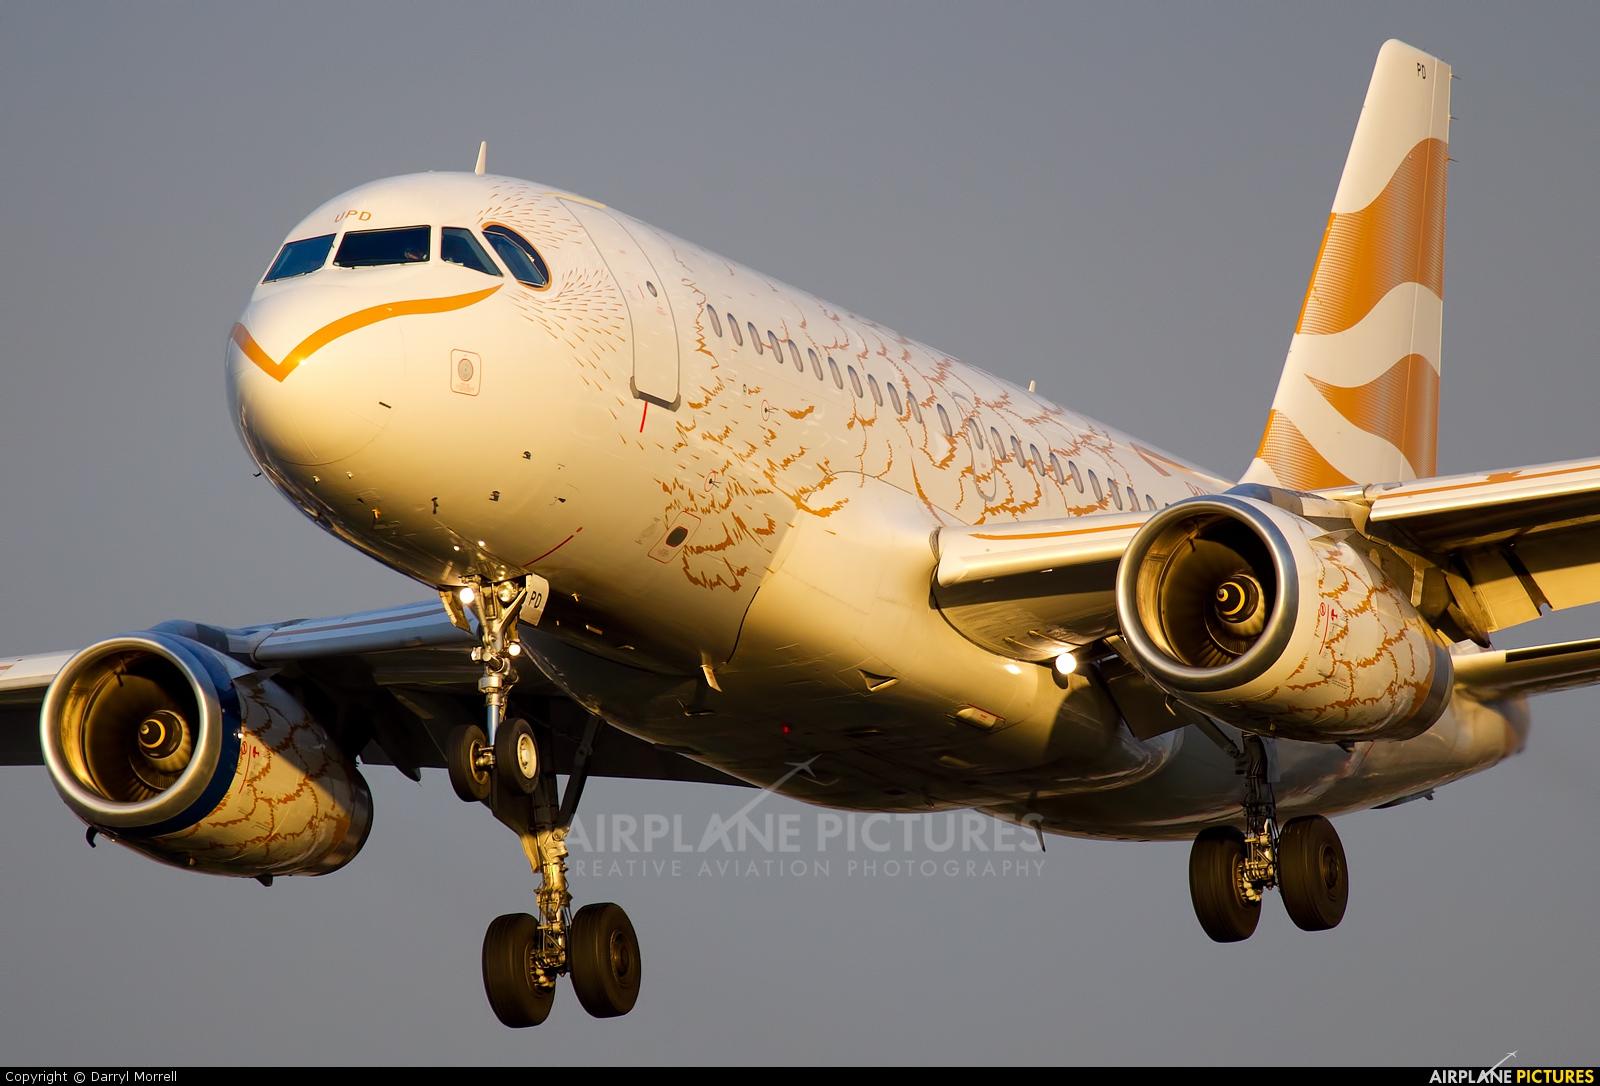 British Airways G-EUPD aircraft at London - Heathrow